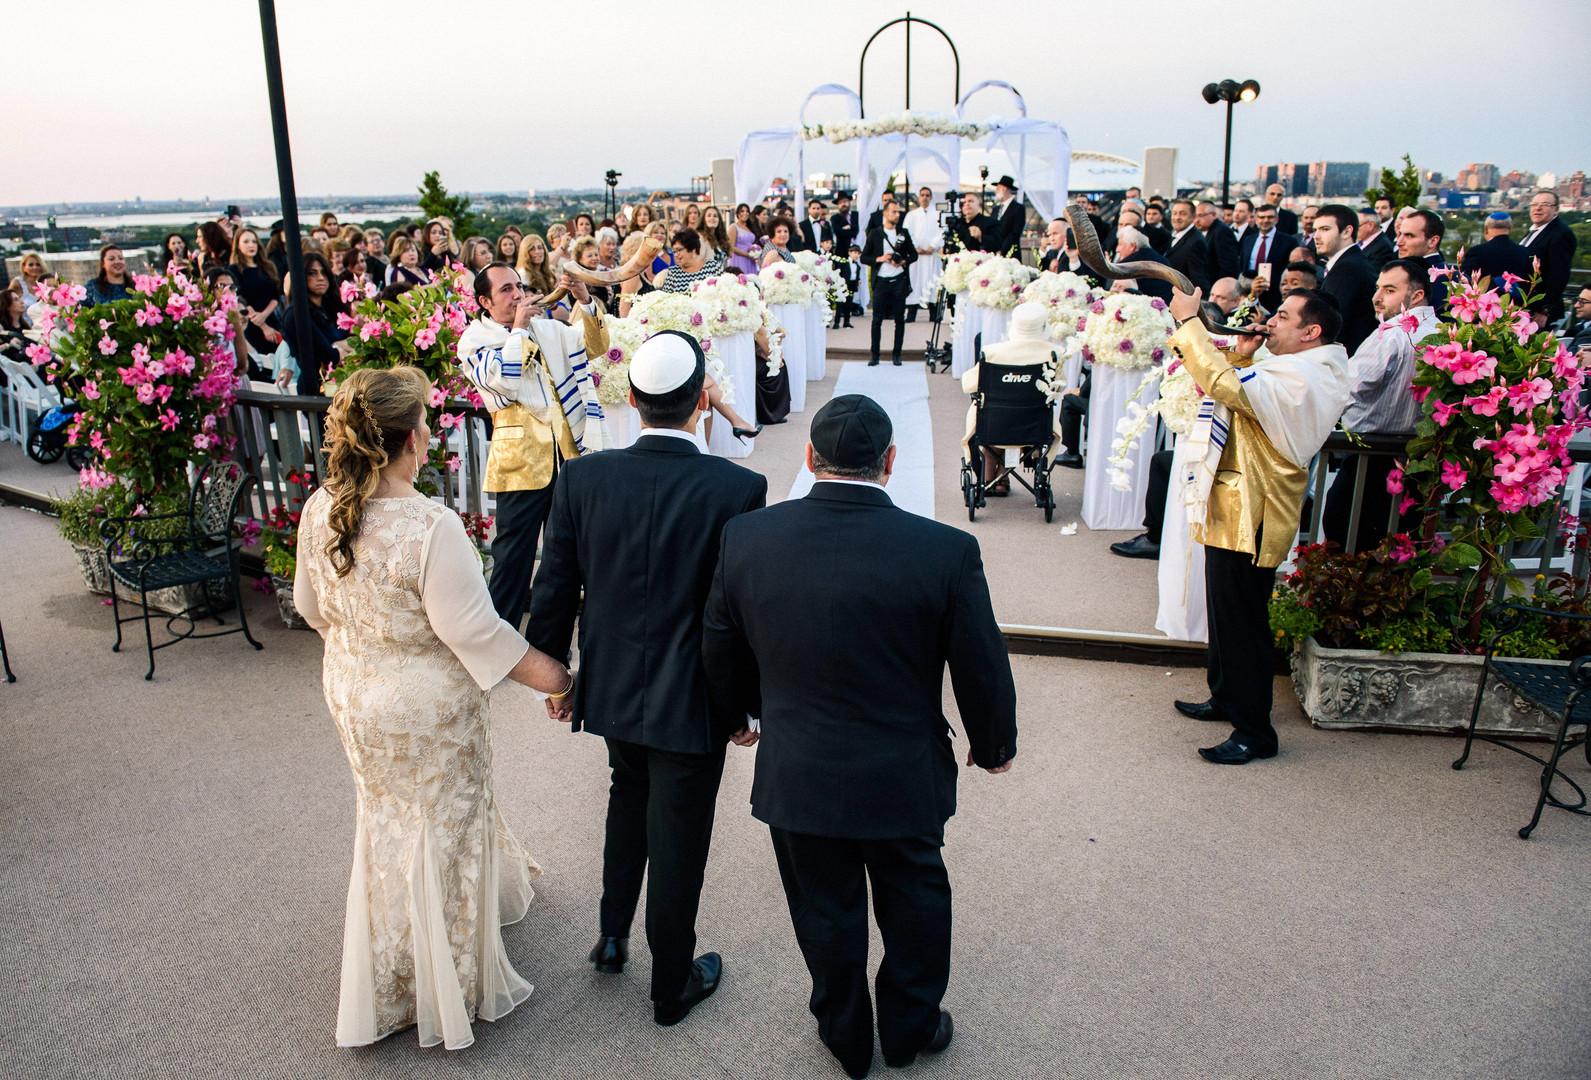 weddings-19-2.jpg